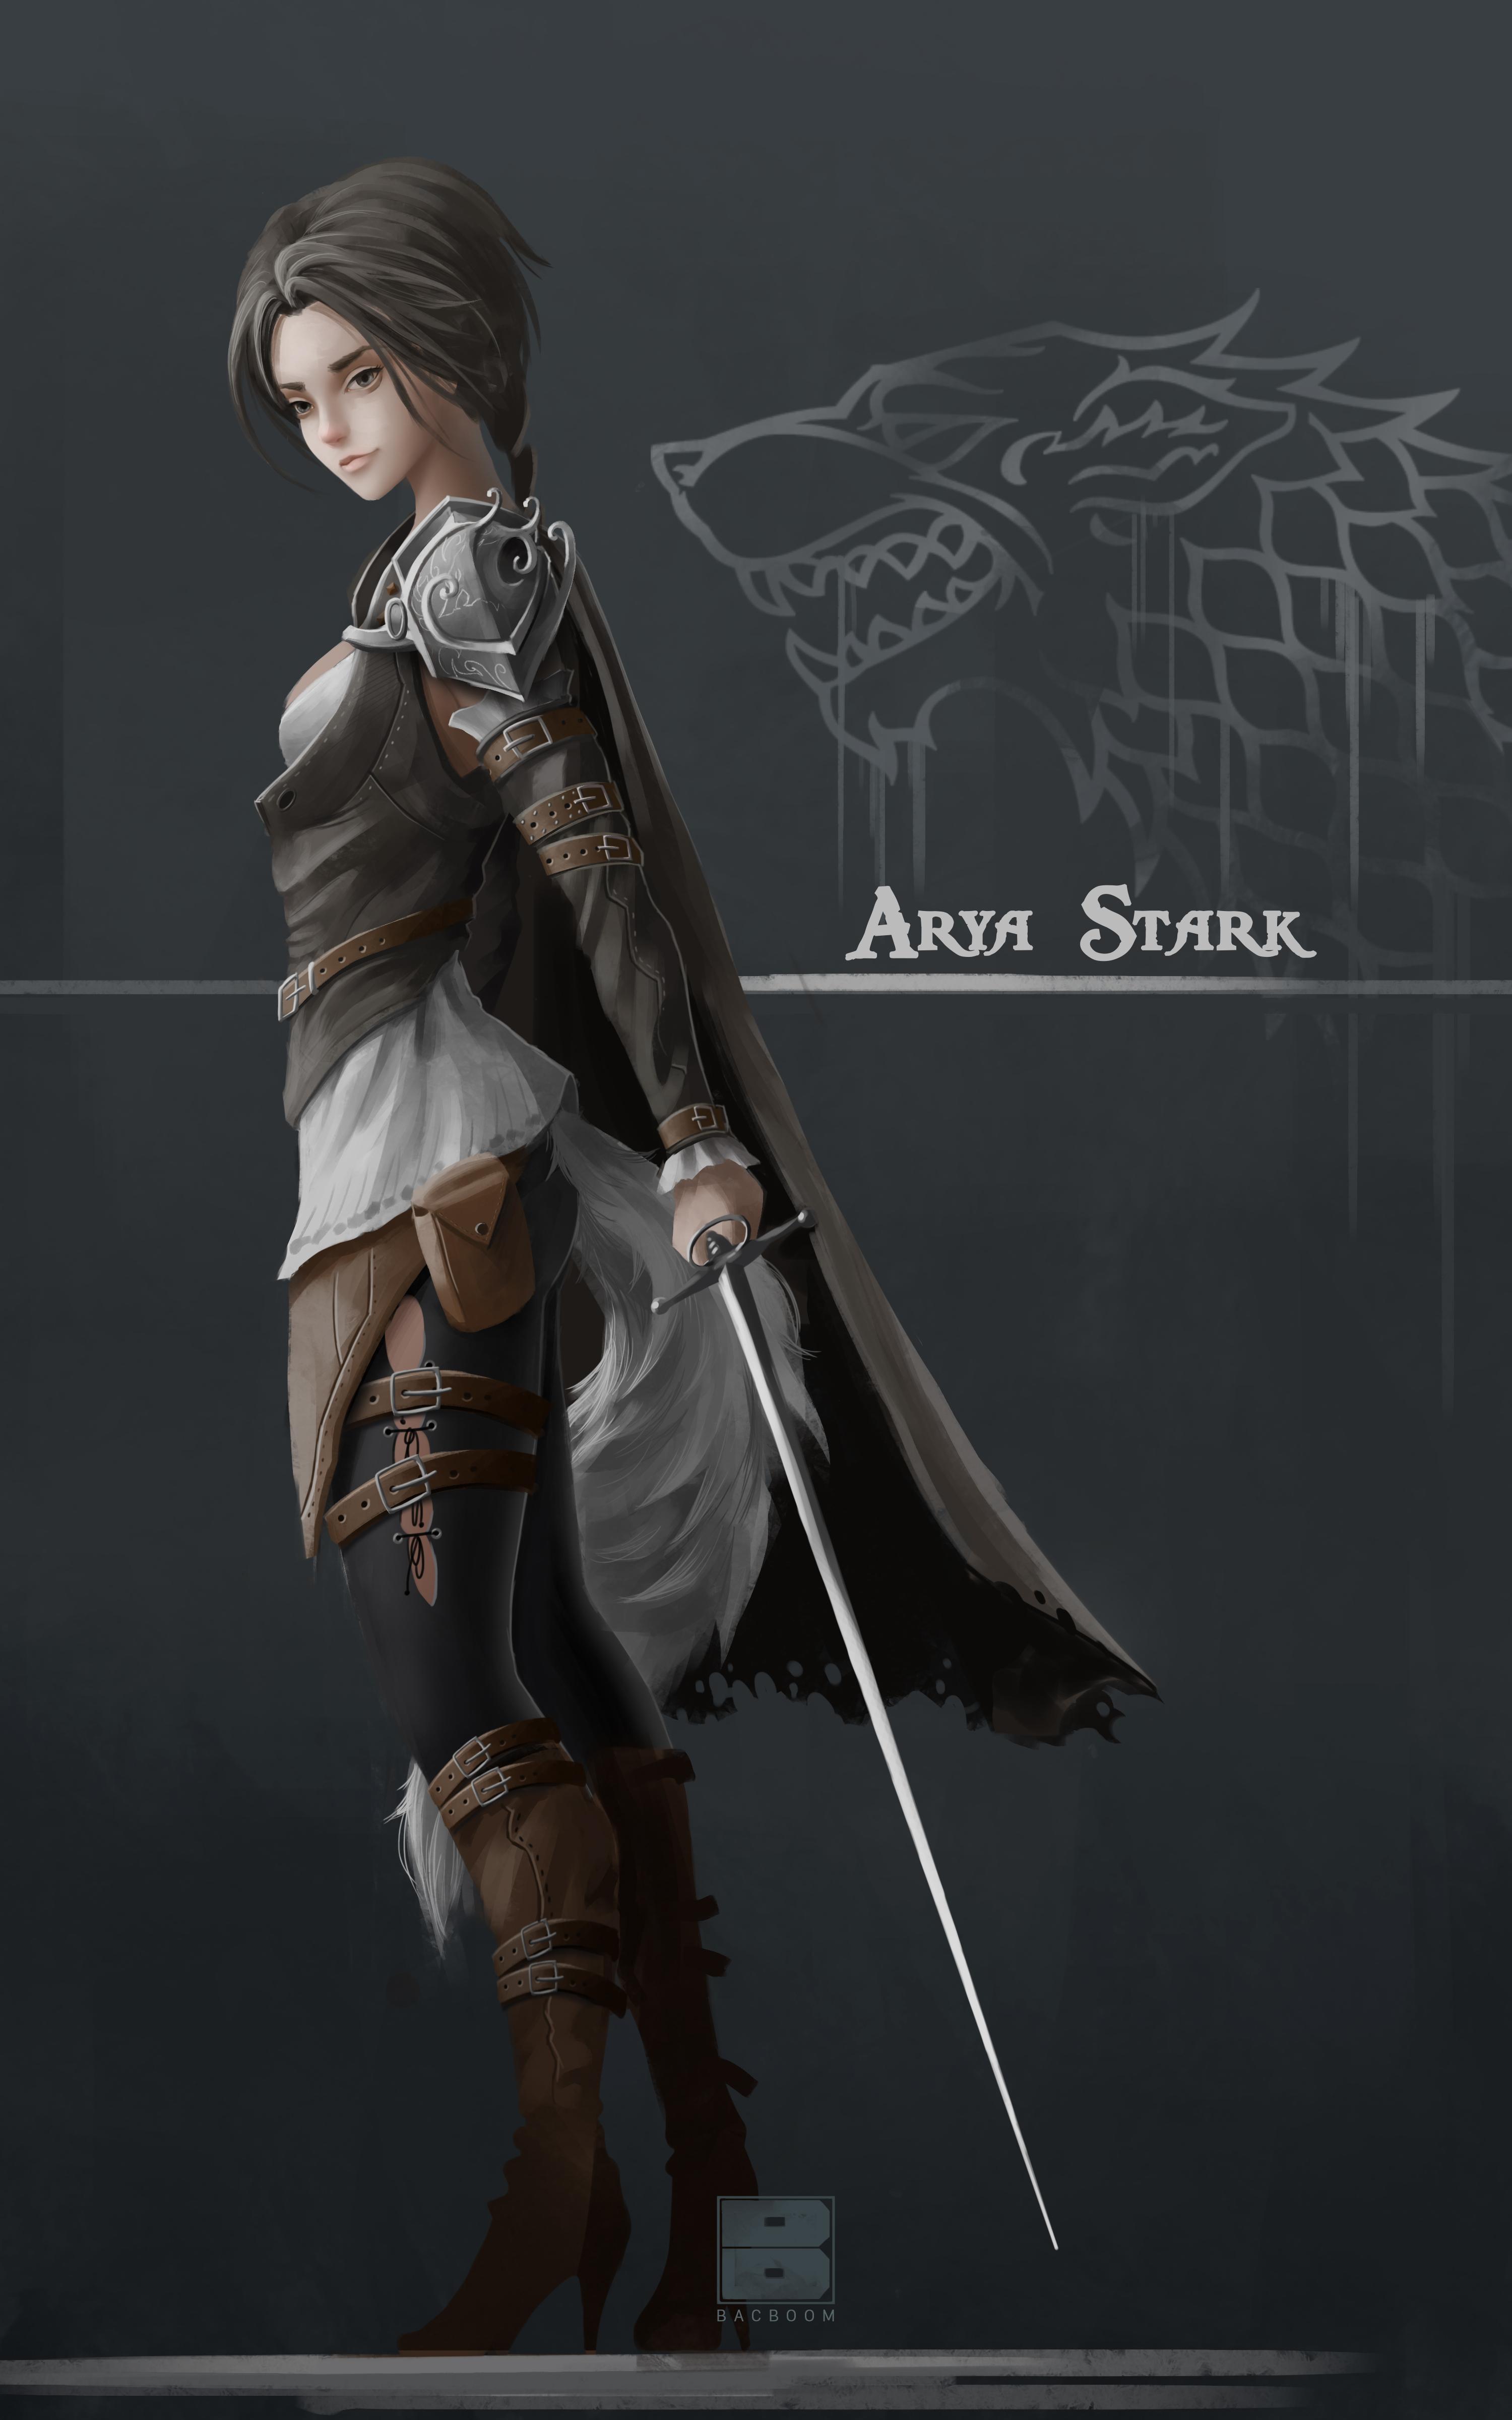 Game of thrones Fan art by BacBoom1 on DeviantArt